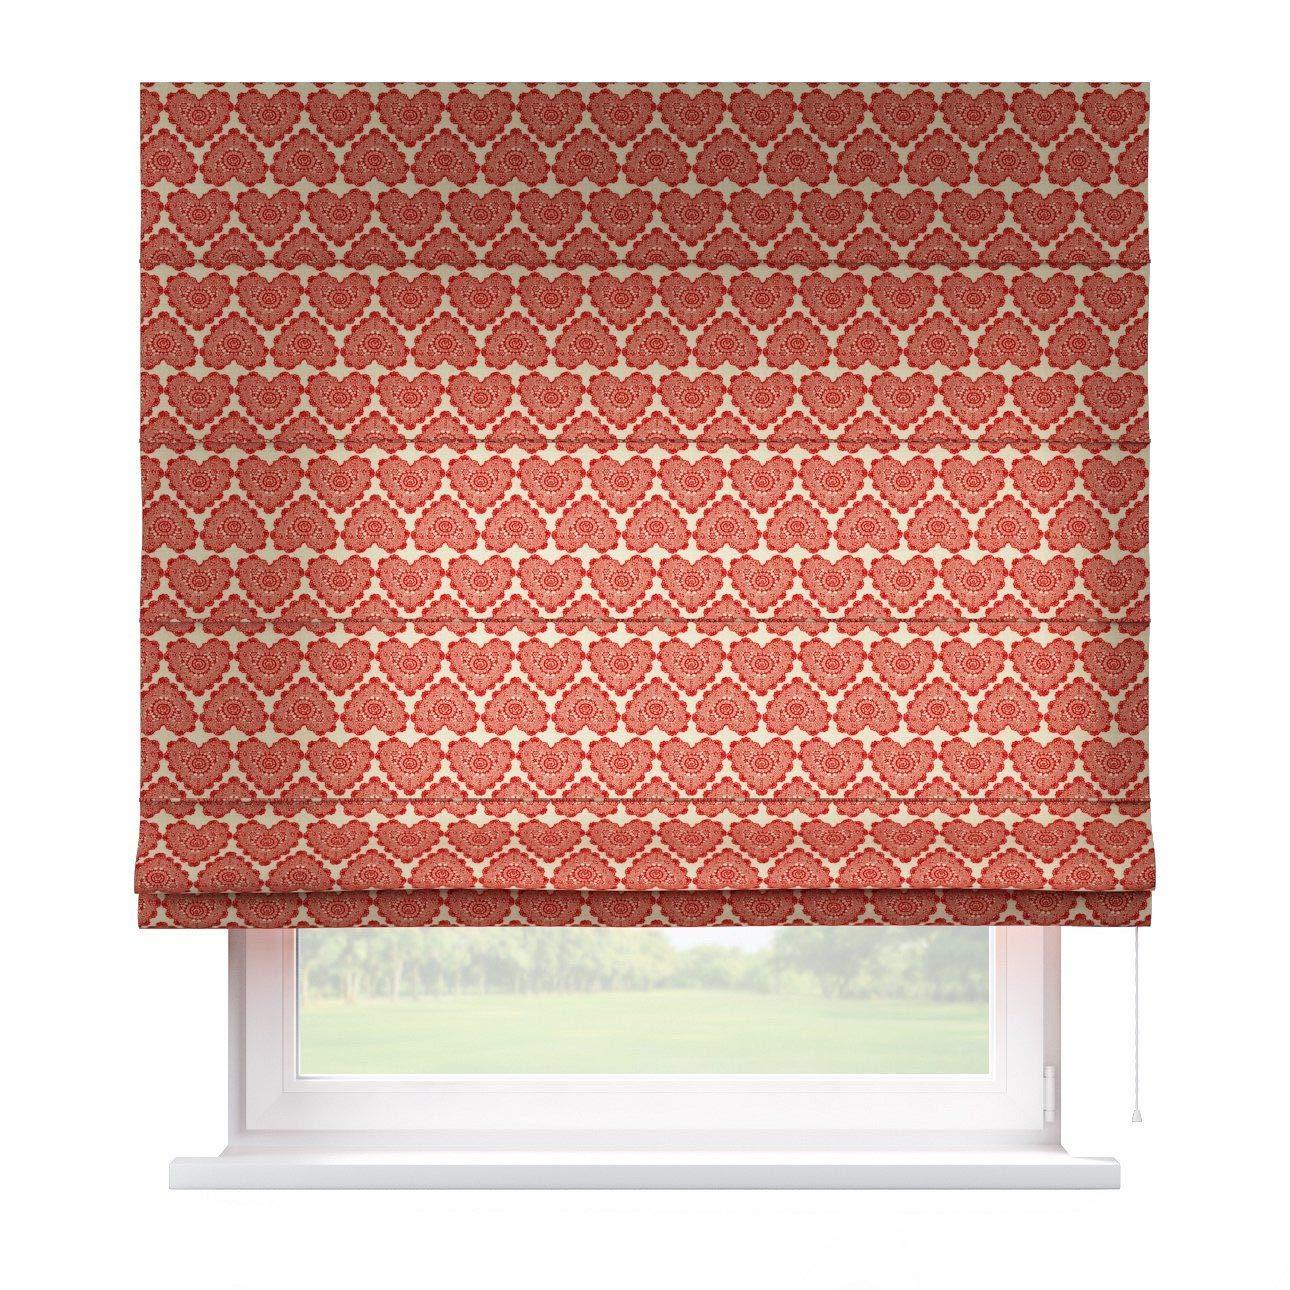 Dekoria Raffrollo Capri ohne Bohren Blickdicht Faltvorhang Raffgardine Wohnzimmer Schlafzimmer Kinderzimmer 100 × 170 cm rot-beige Raffrollos auf Maß maßanfertigung möglich